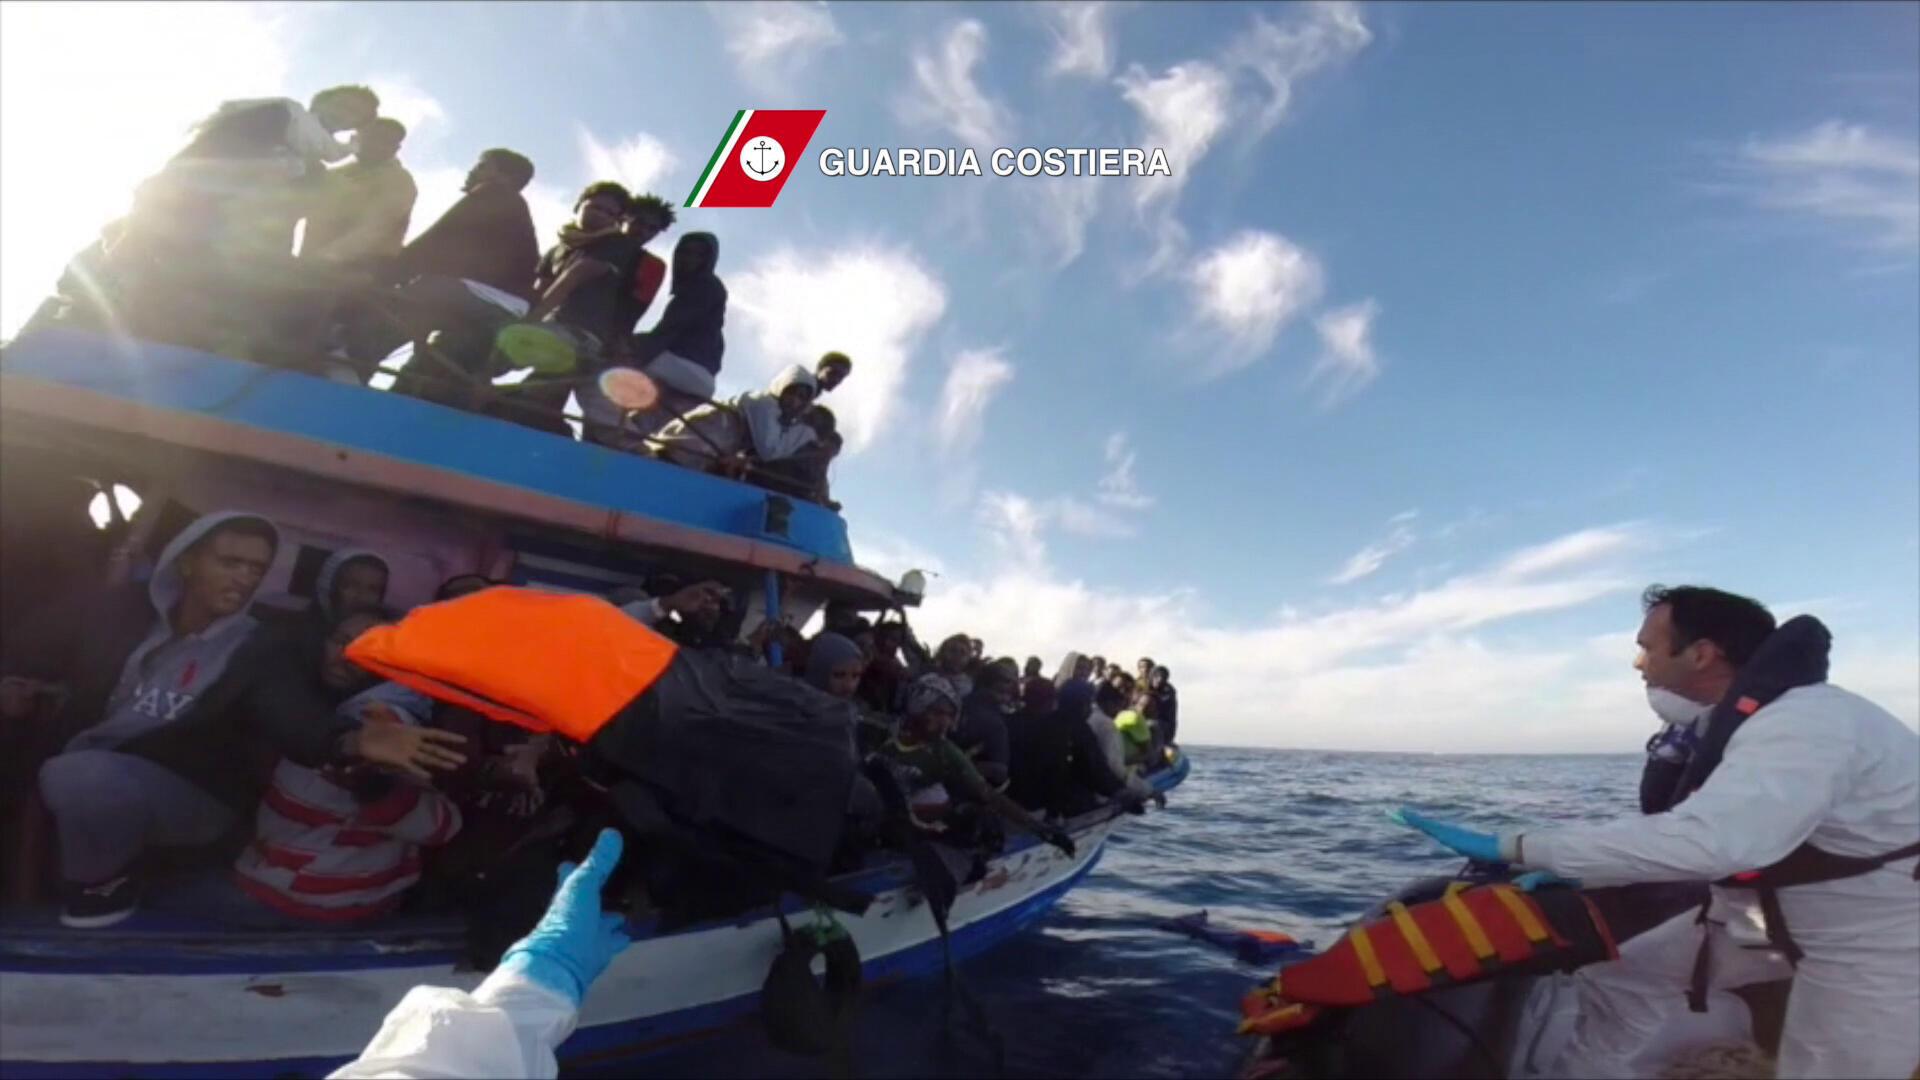 Captura de pantalla de un video difundido por los guardacostas italianos durante un rescate realizado el 12 de abril de 2015 frenta a Sicilia.